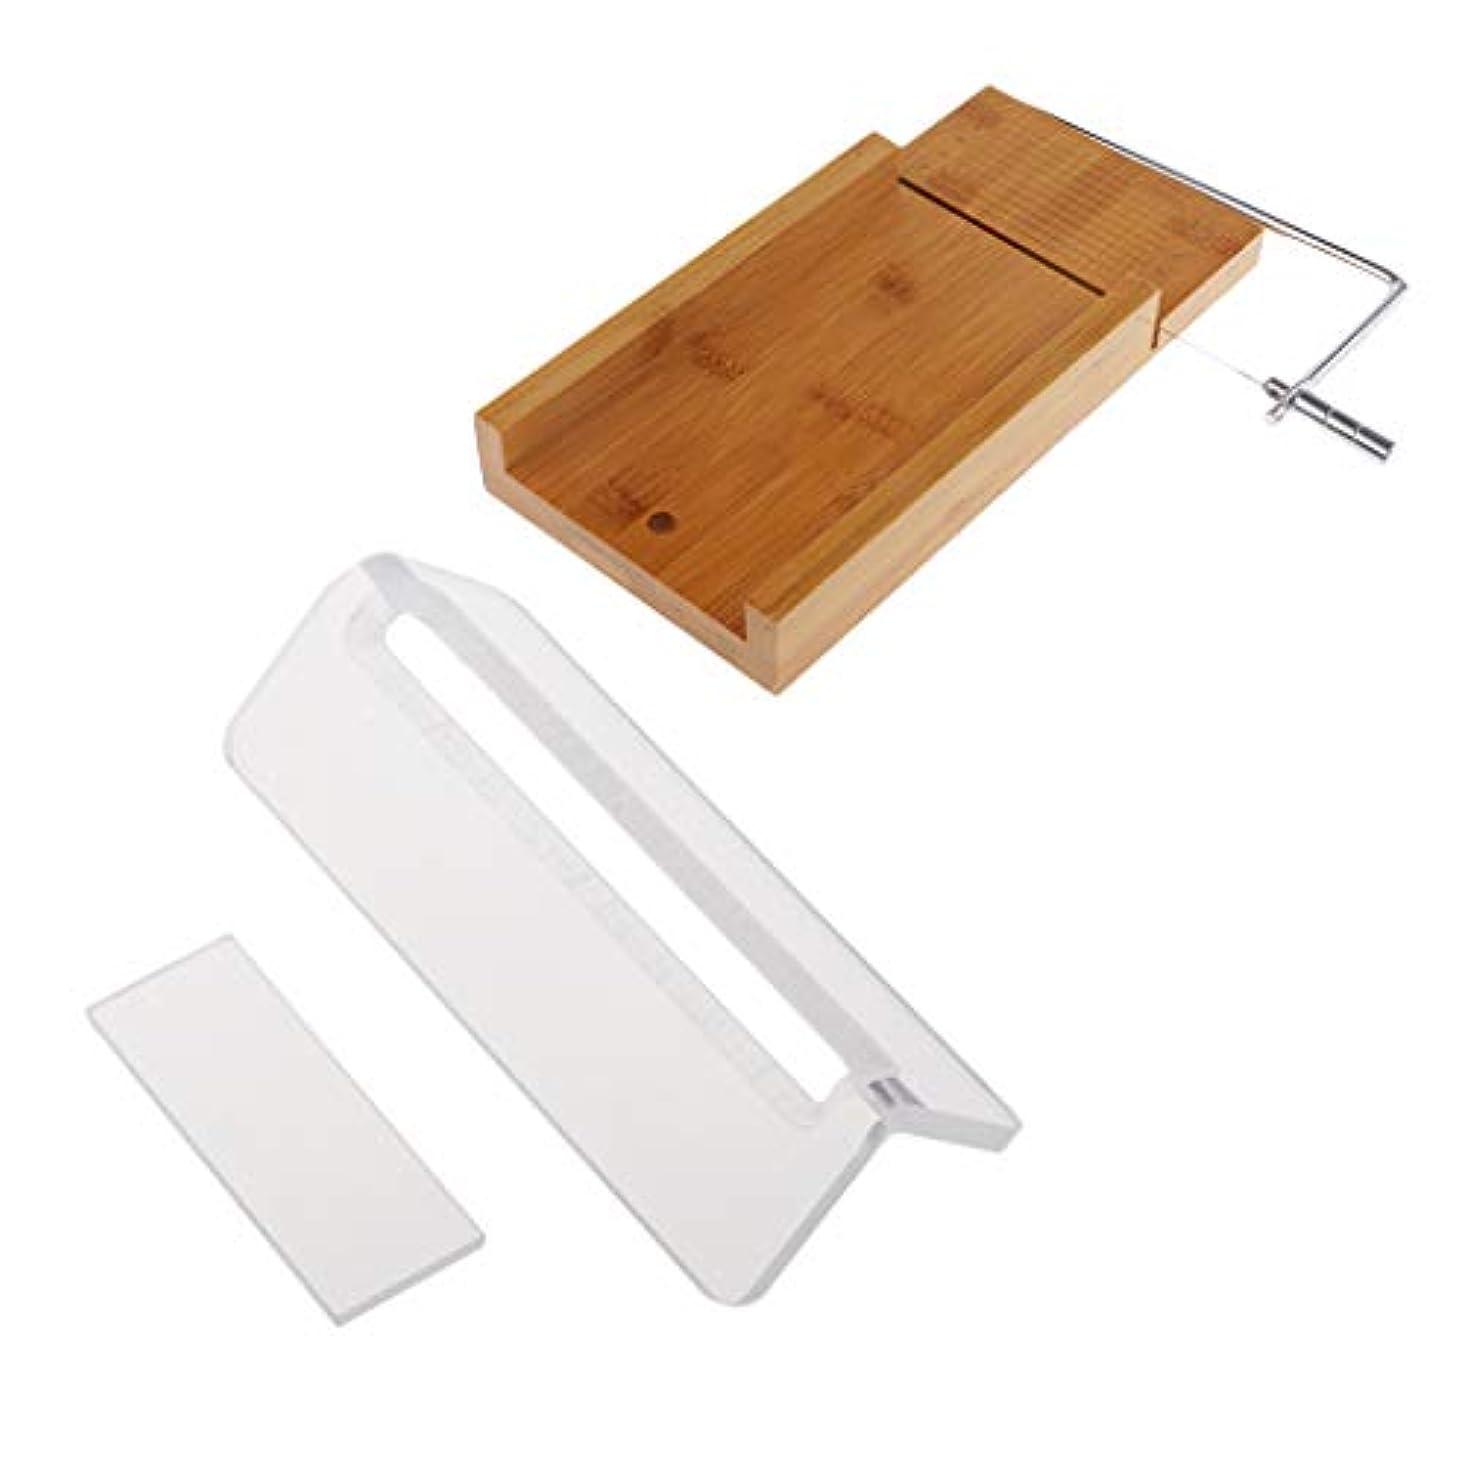 ブラシ浪費ポジションHellery 石鹸カッター 木製 ローフカッター チーズカッター ソープカッター ステンレス鋼線 2個入り